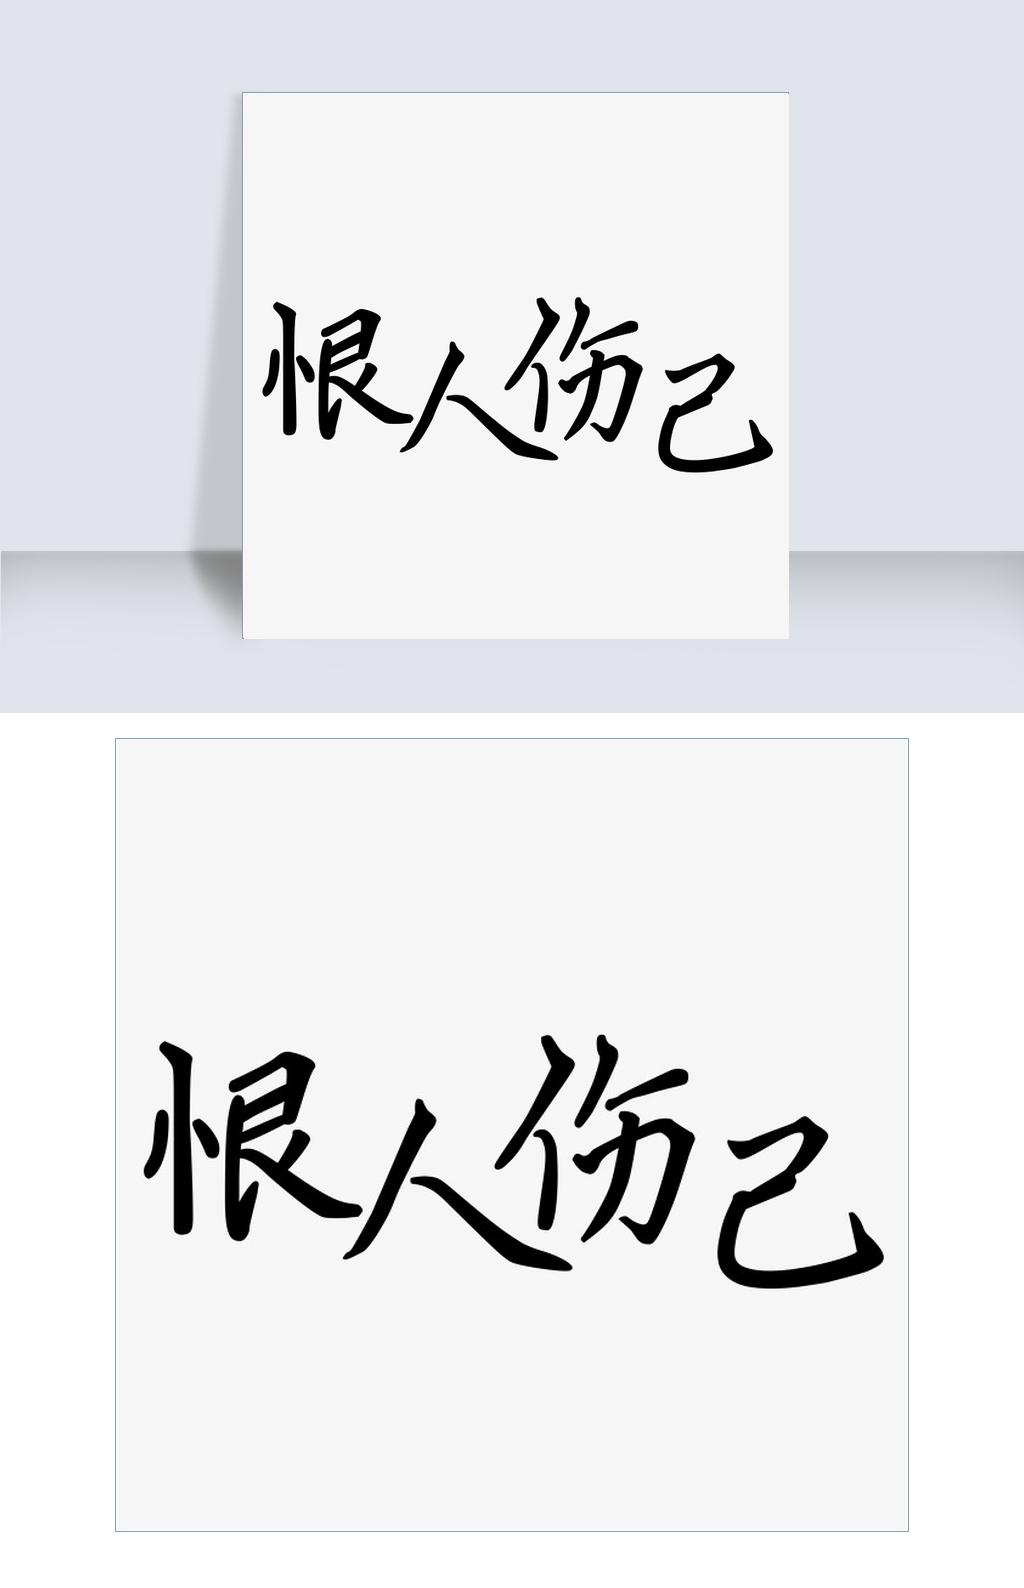 千库原创恨人伤己艺术字图片素材 PSB格式 下载 其他大全